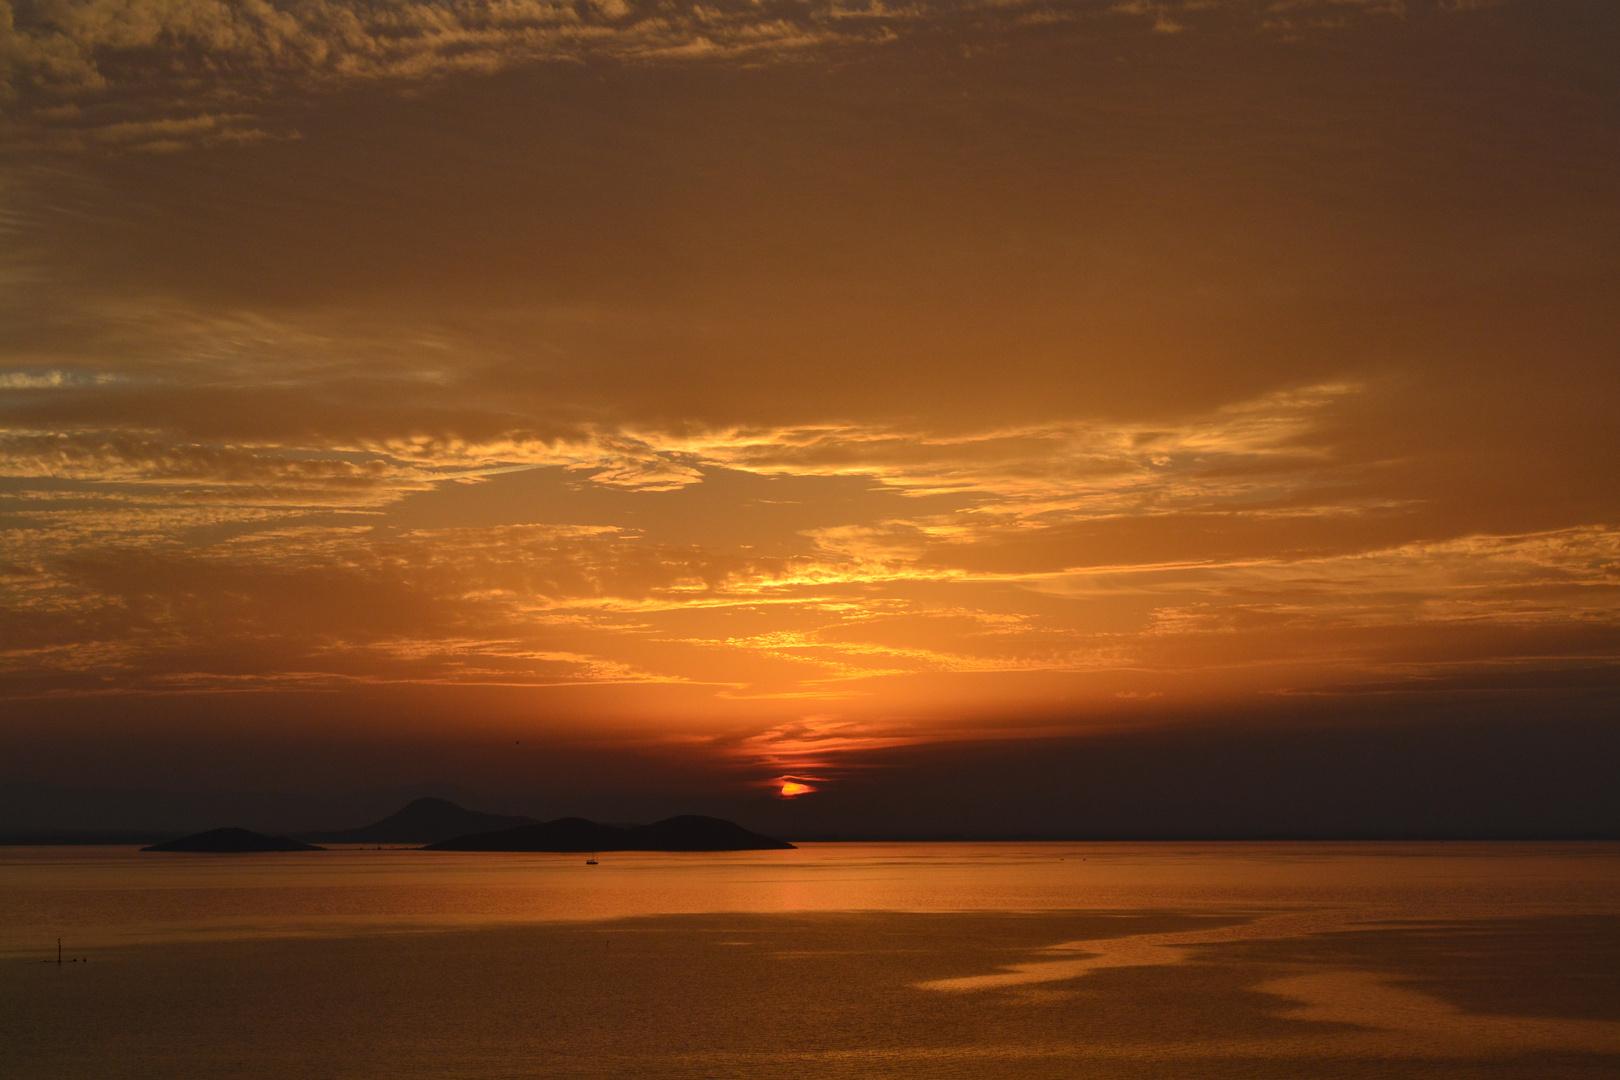 Sonnenuntergang in Spanien im Herbst